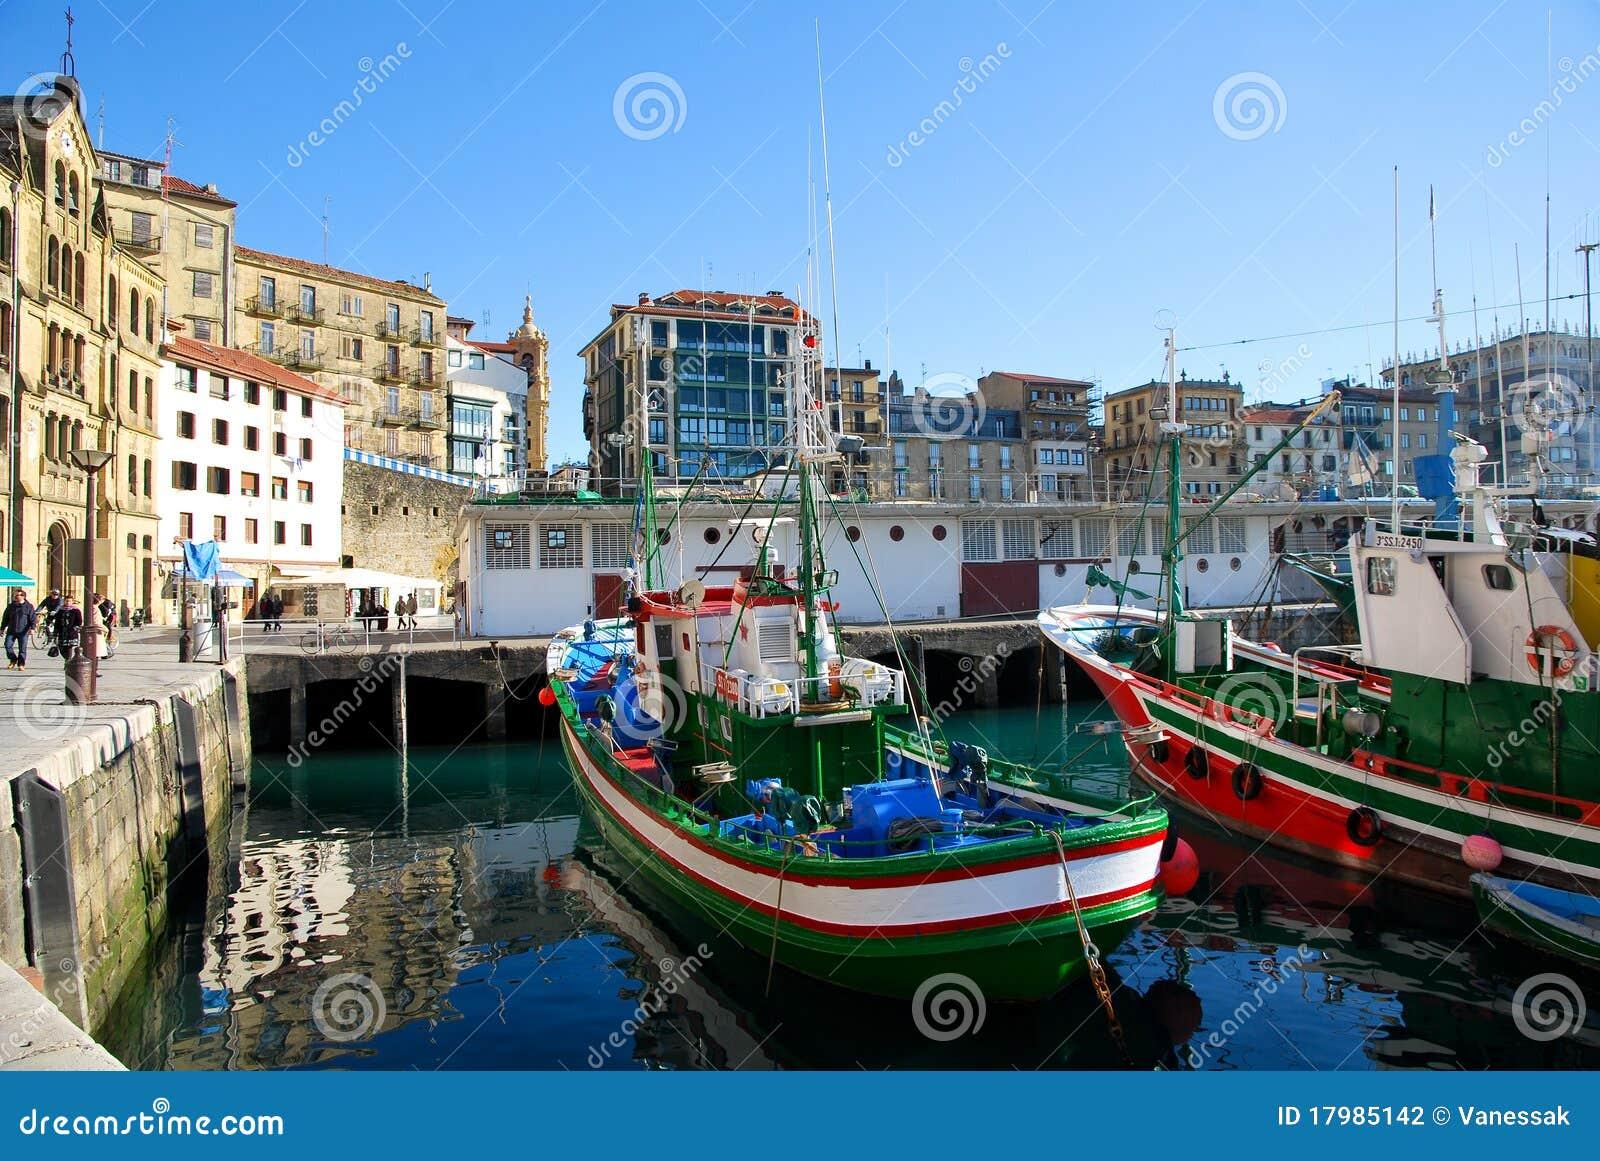 Dans le port de san sebastian photo stock image 17985142 - Office de tourisme san sebastian espagne ...